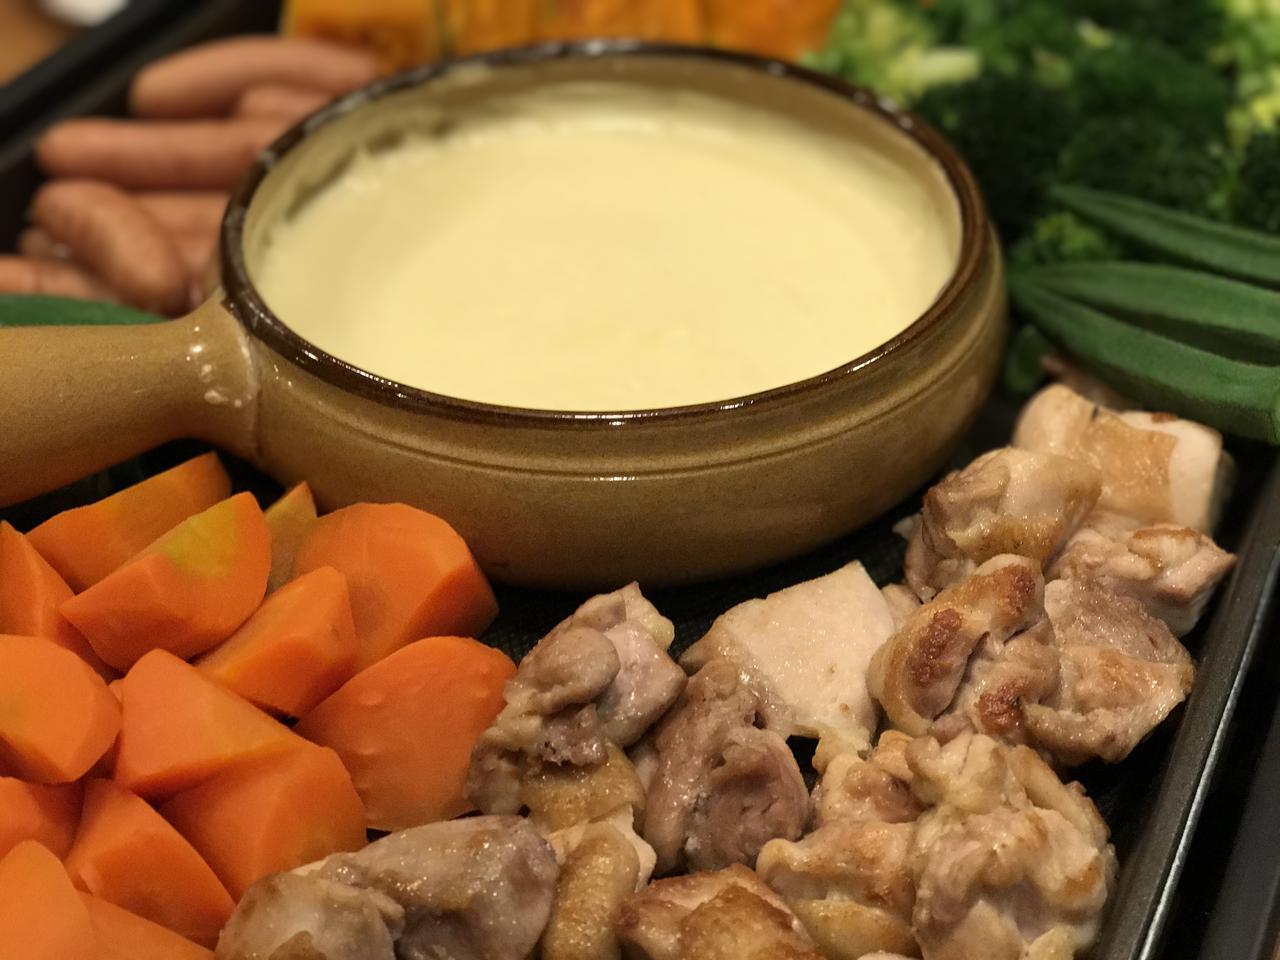 画像: チーズフォンデュ鍋はキャンプにおすすめ! チョコフォンデュやバーニャカウダにも使えてデザインも◯